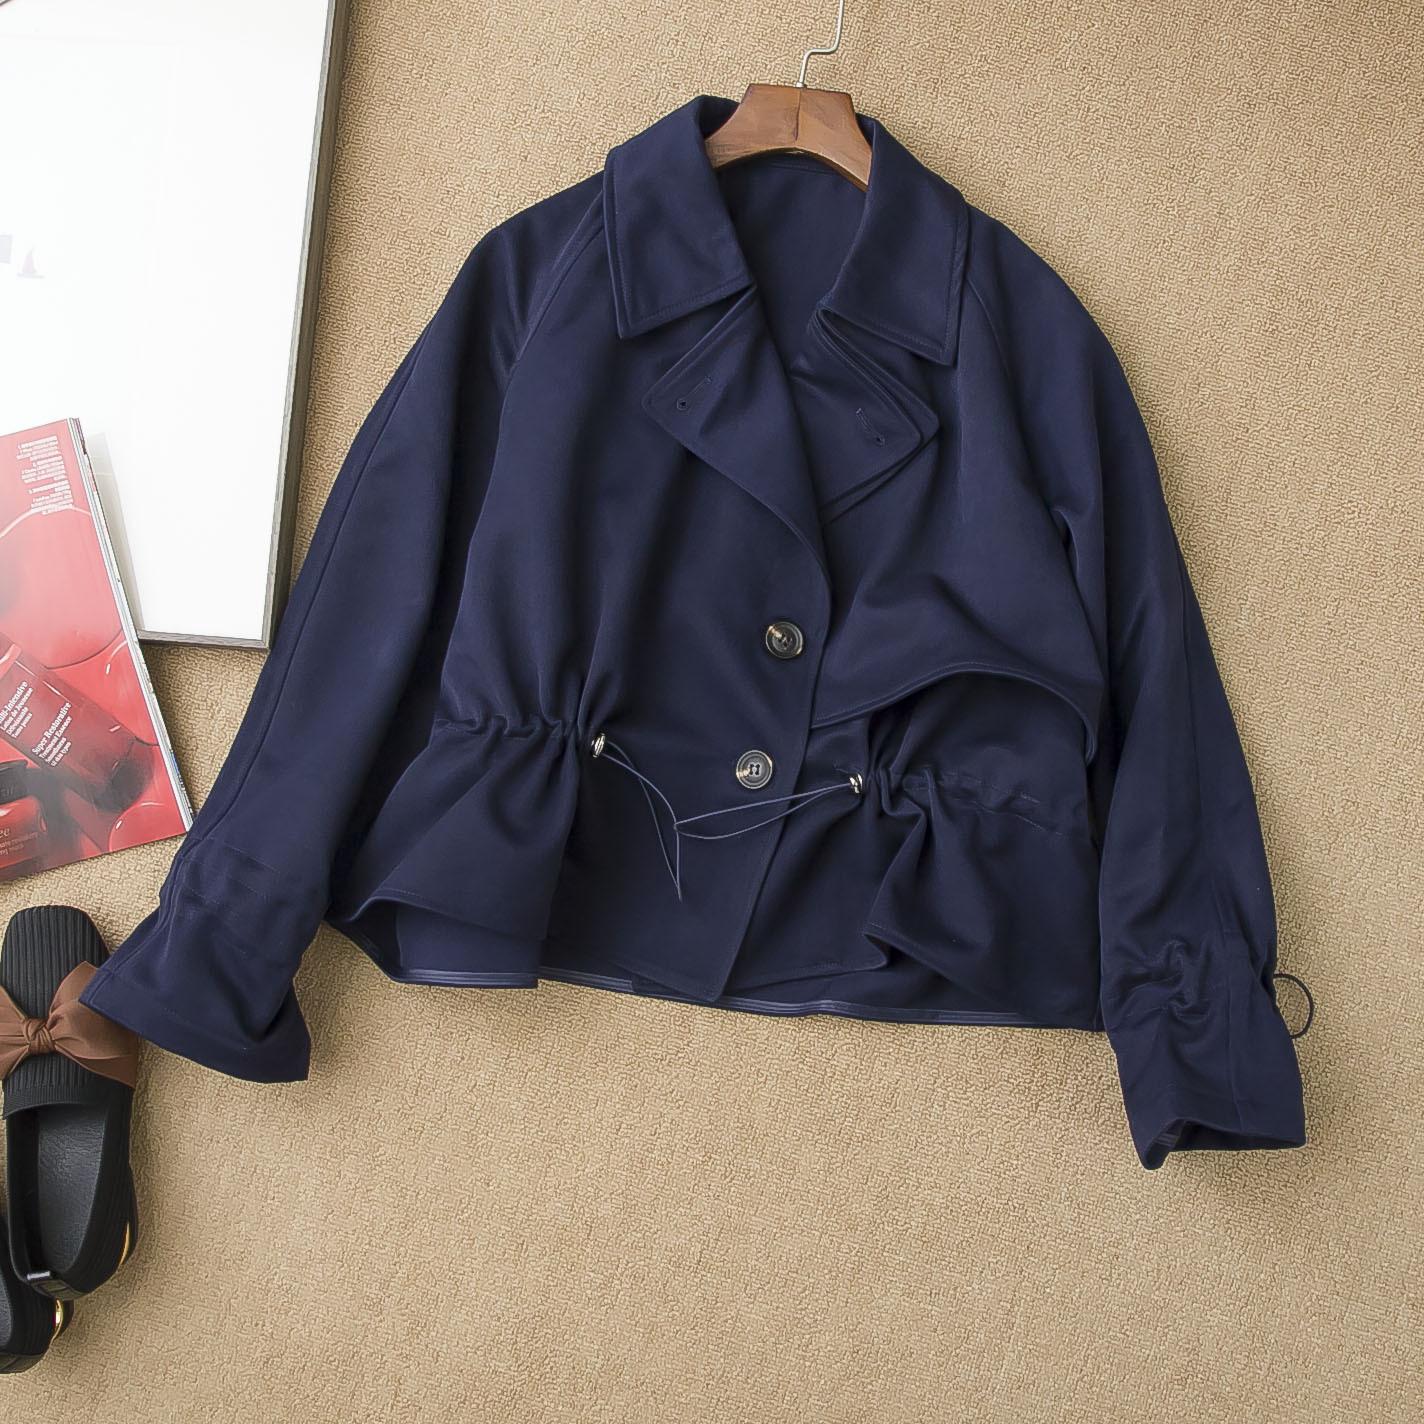 好品质 早秋时尚女 宽松休闲短风衣 斗篷款抽绳夹克外套短款上衣